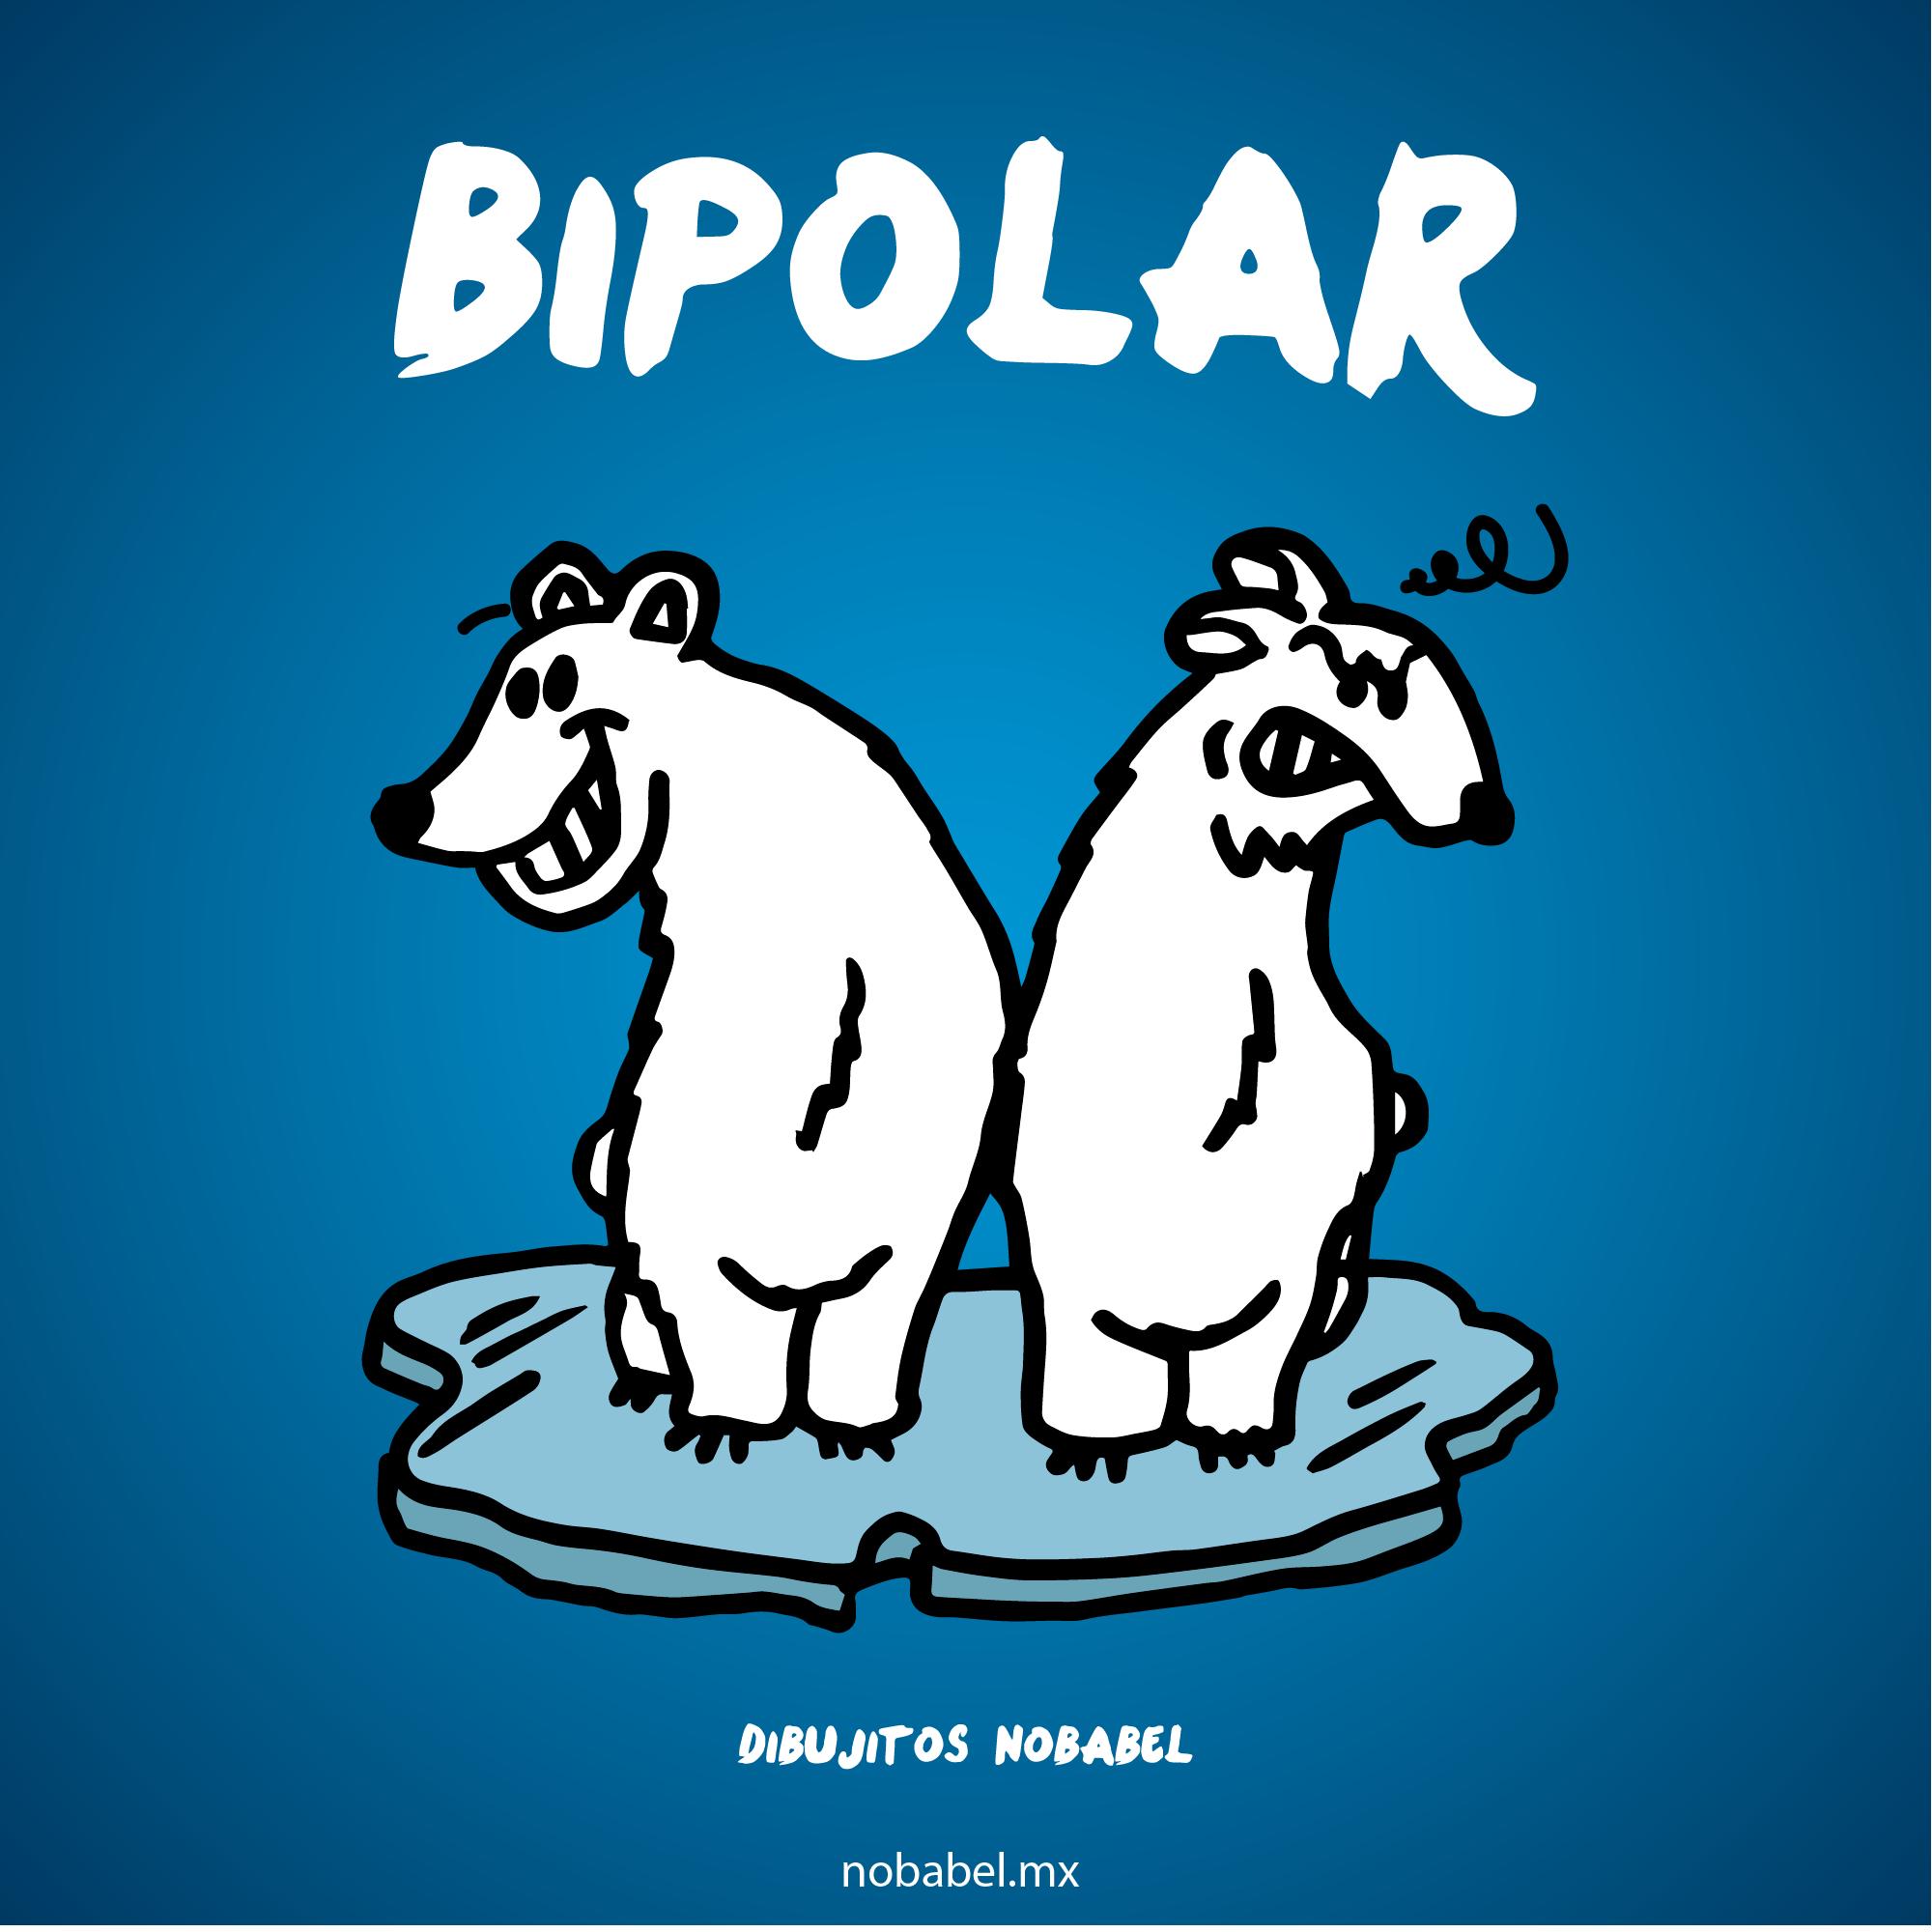 Imagenes de bipolaridad animadas